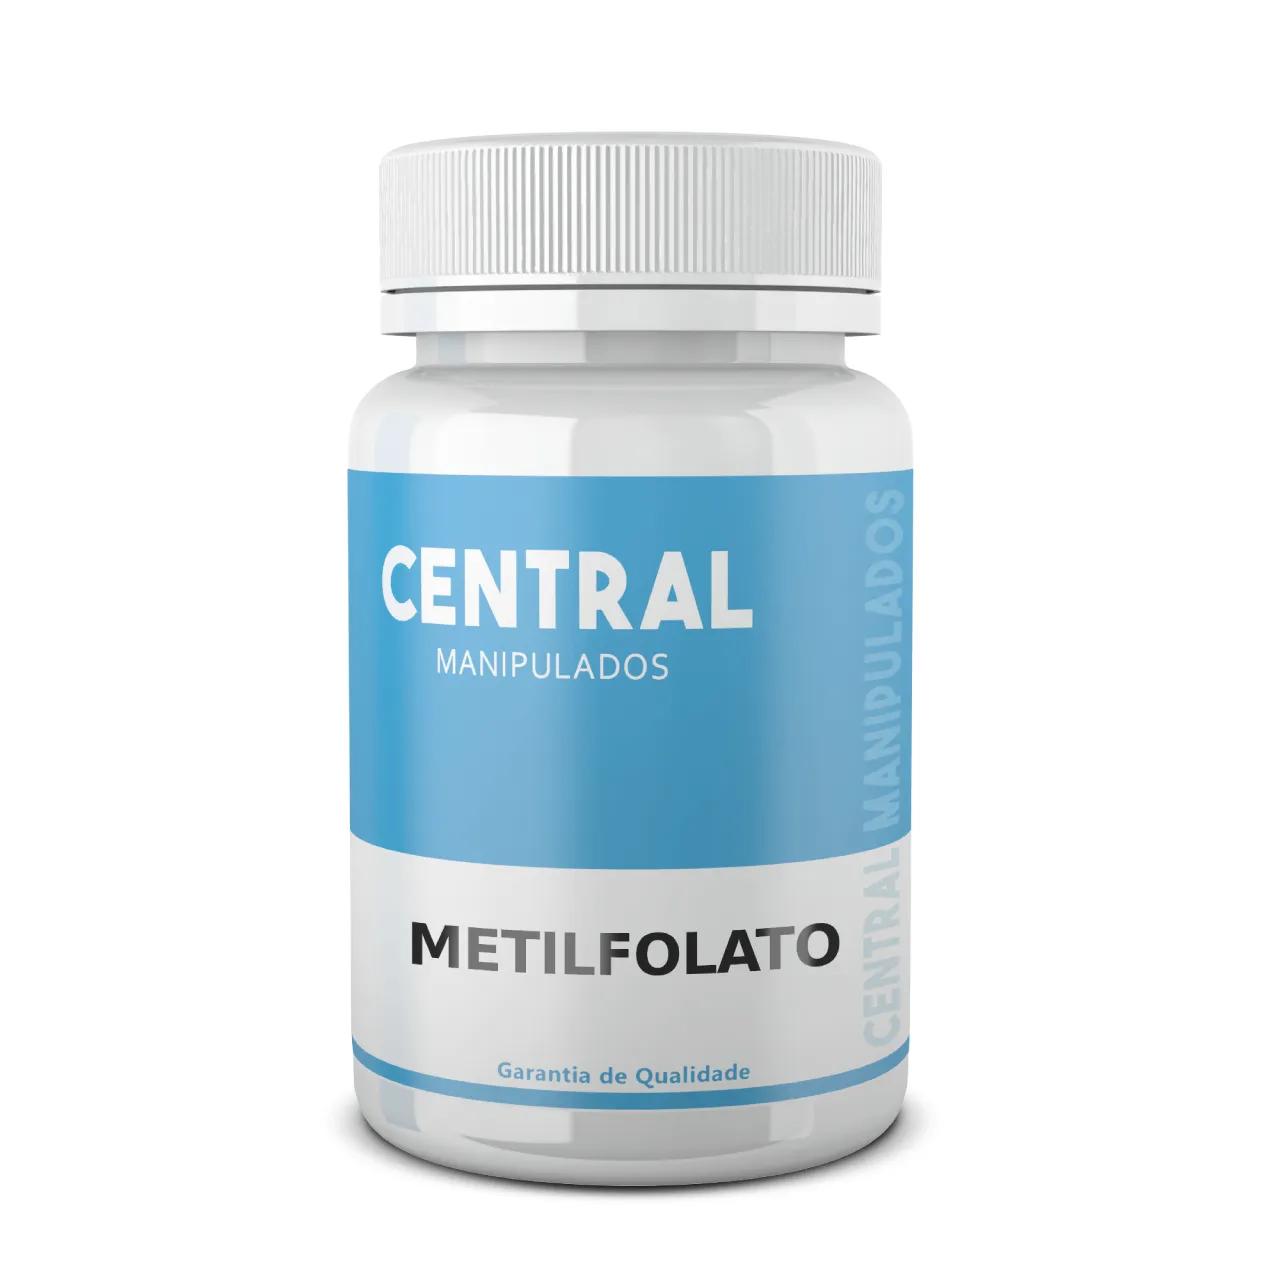 Metilfolato 1.000 mcg - 120 cápsulas - Forma Ativa do Ácido Fólico, Antidepressivo, Doença cardiovascular, Desintoxicante